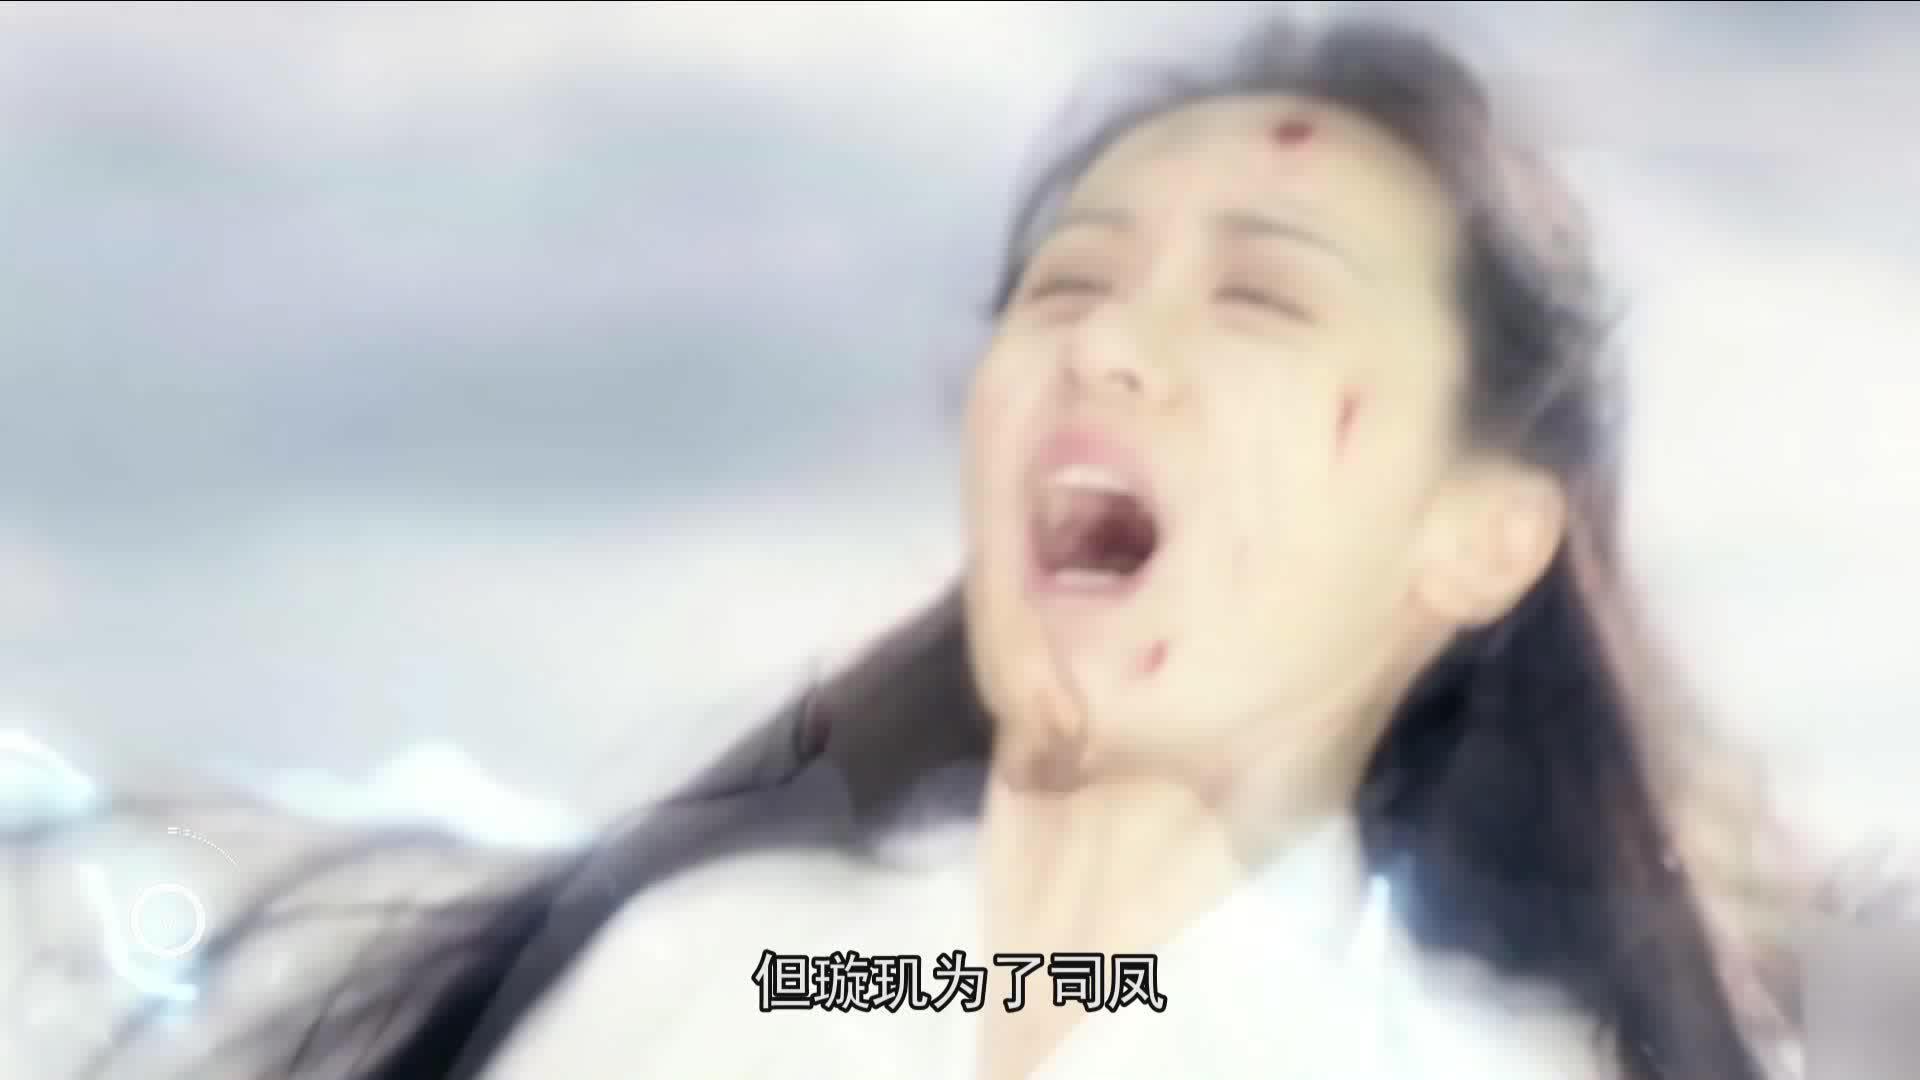 司凤被鞭挞拷问目的,璇玑成魔屠三界救夫,羽化前喊别忘记我太虐